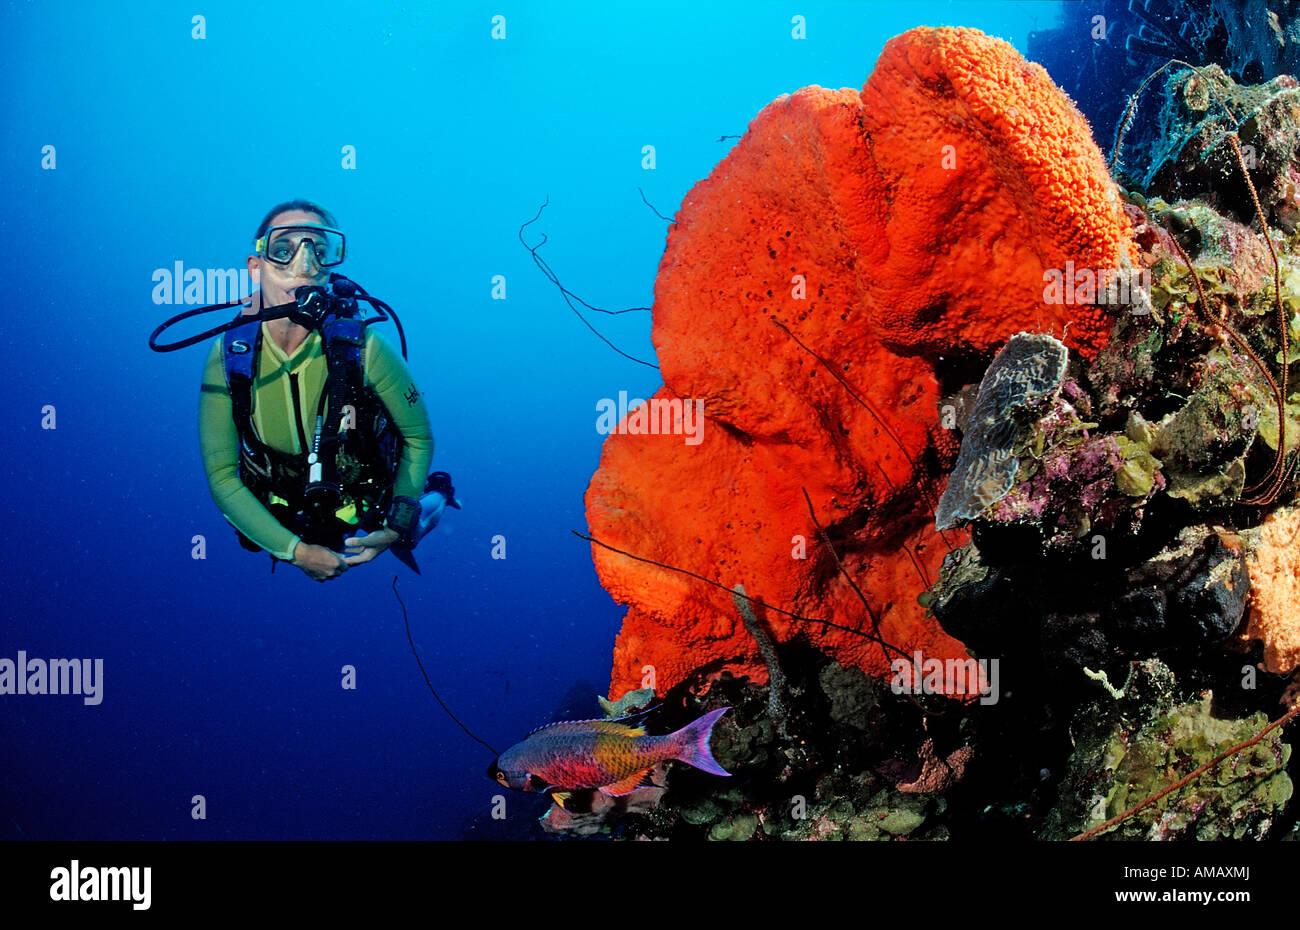 Scuba Diver e Orange a orecchio di elefante spugna Agelas clathrodes Martinica Antille Francesi Mar dei Caraibi Immagini Stock